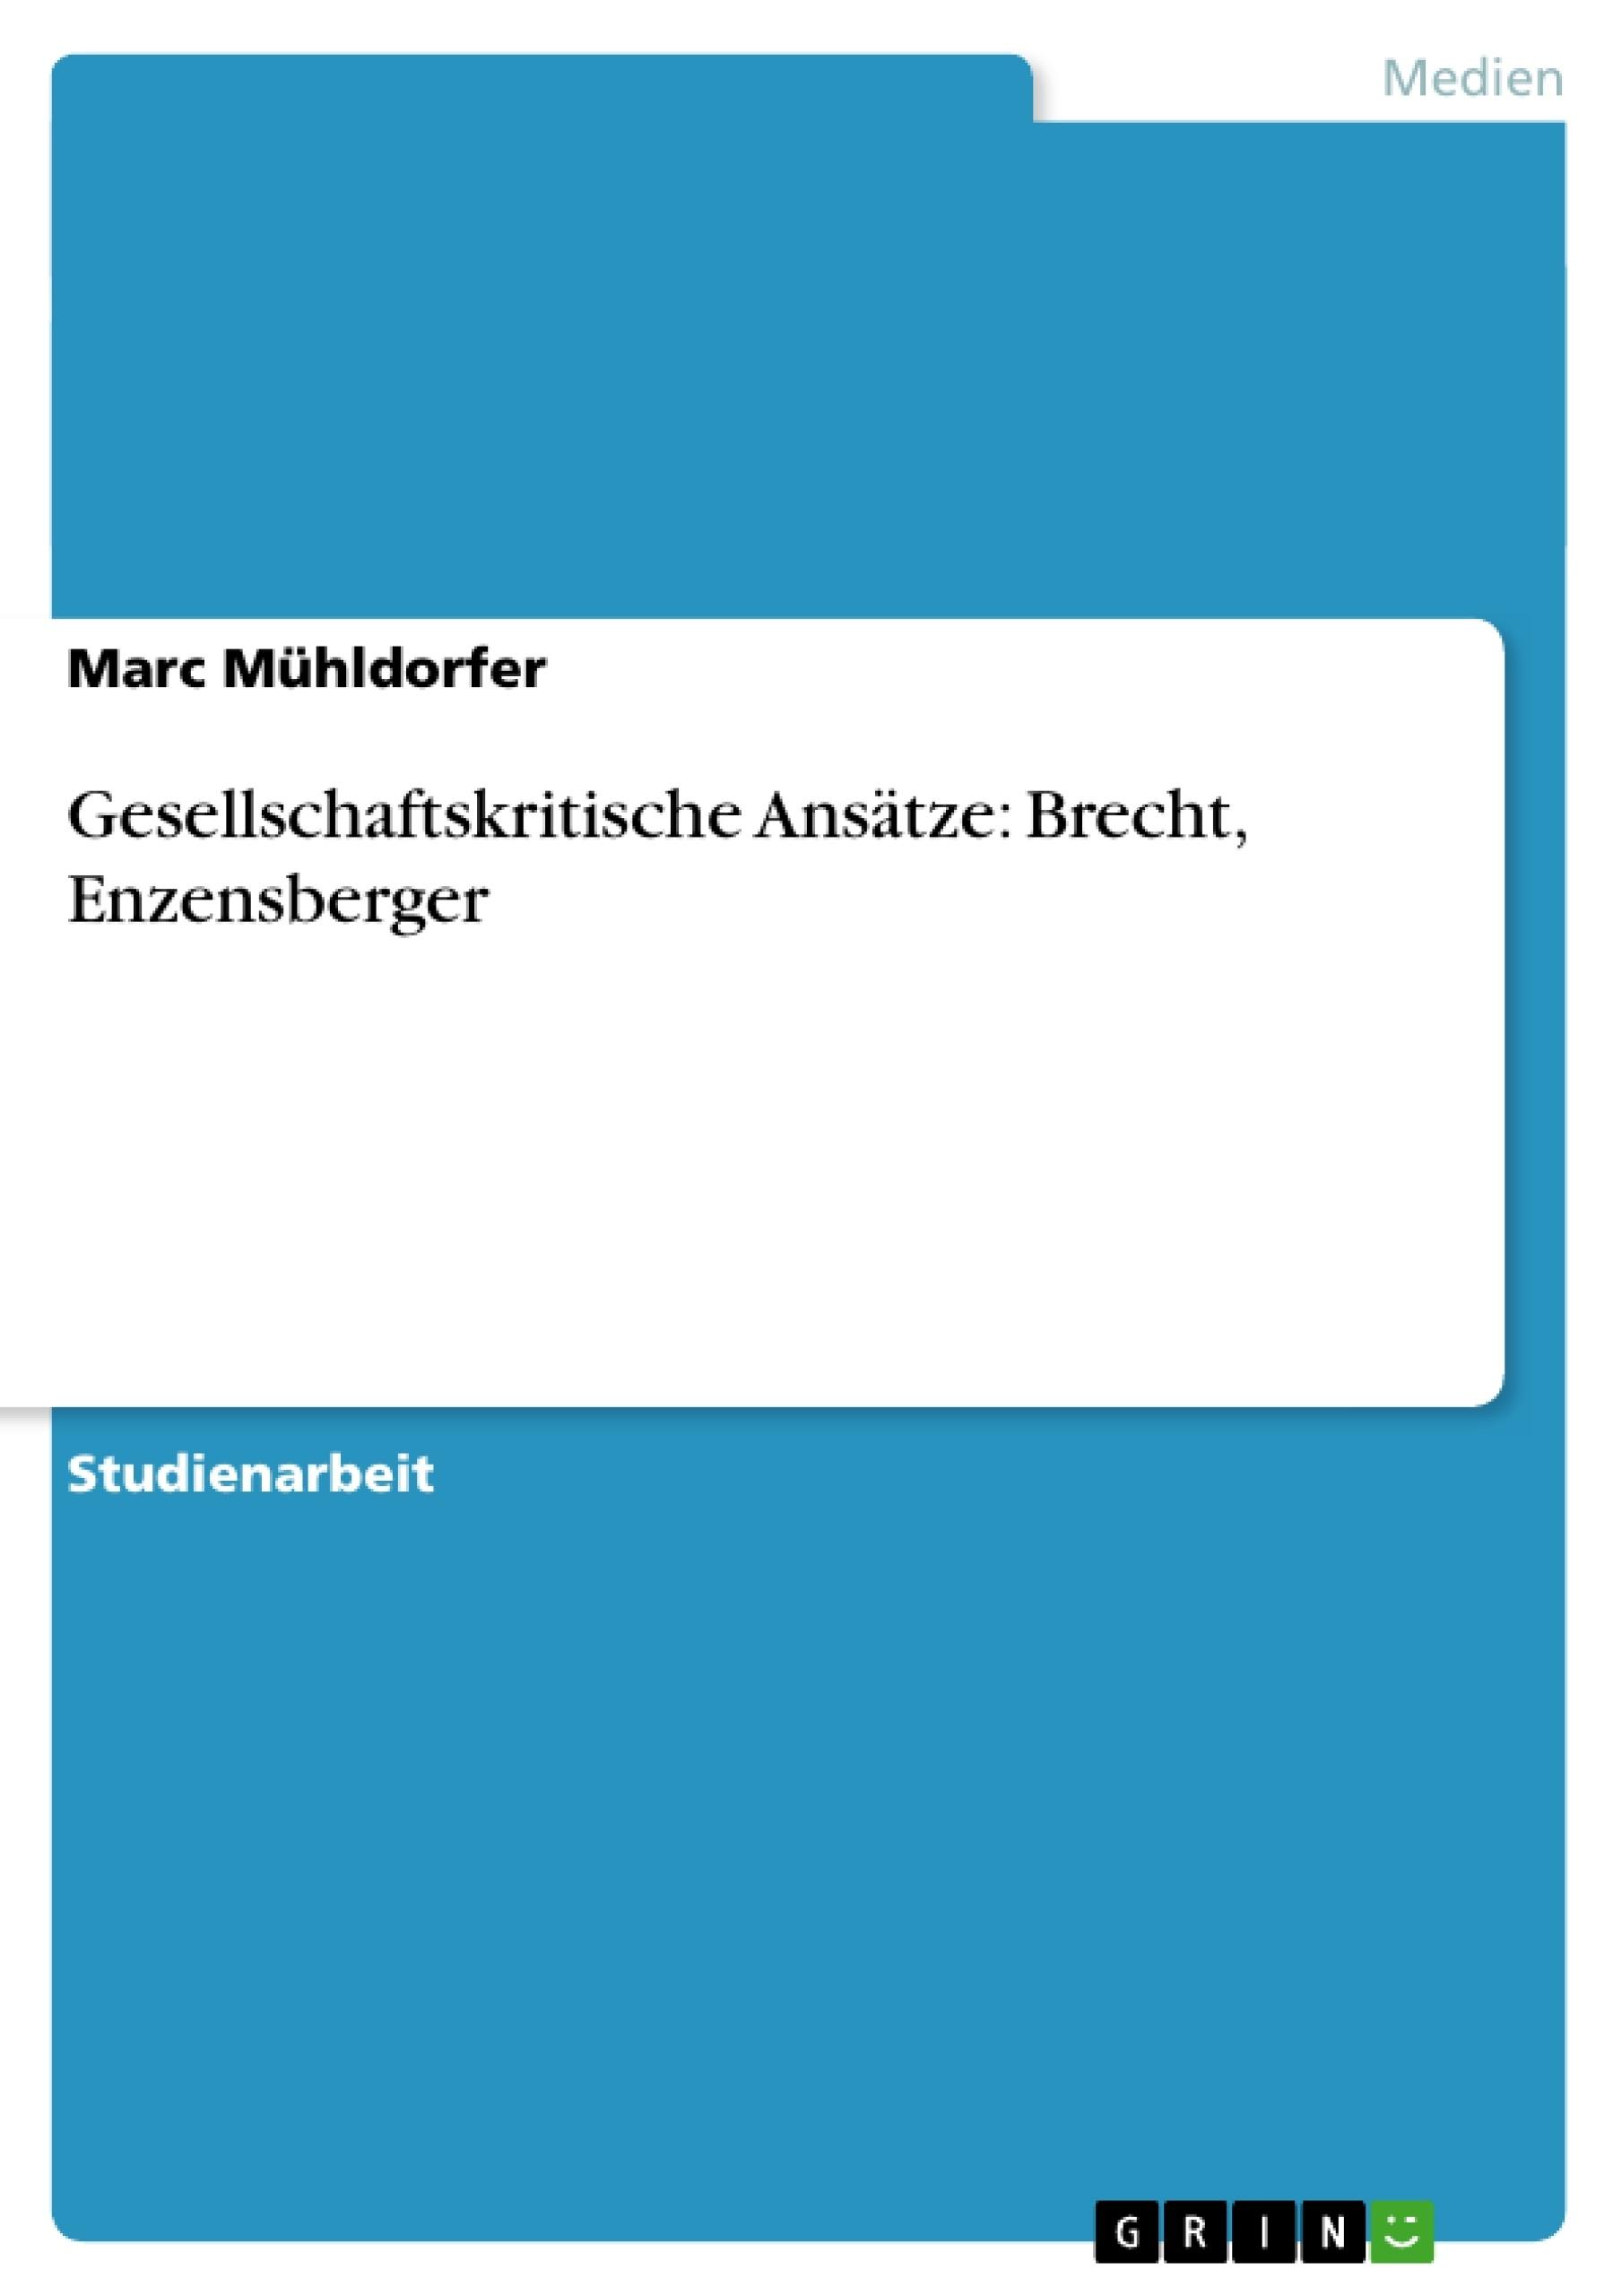 Titel: Gesellschaftskritische Ansätze: Brecht, Enzensberger